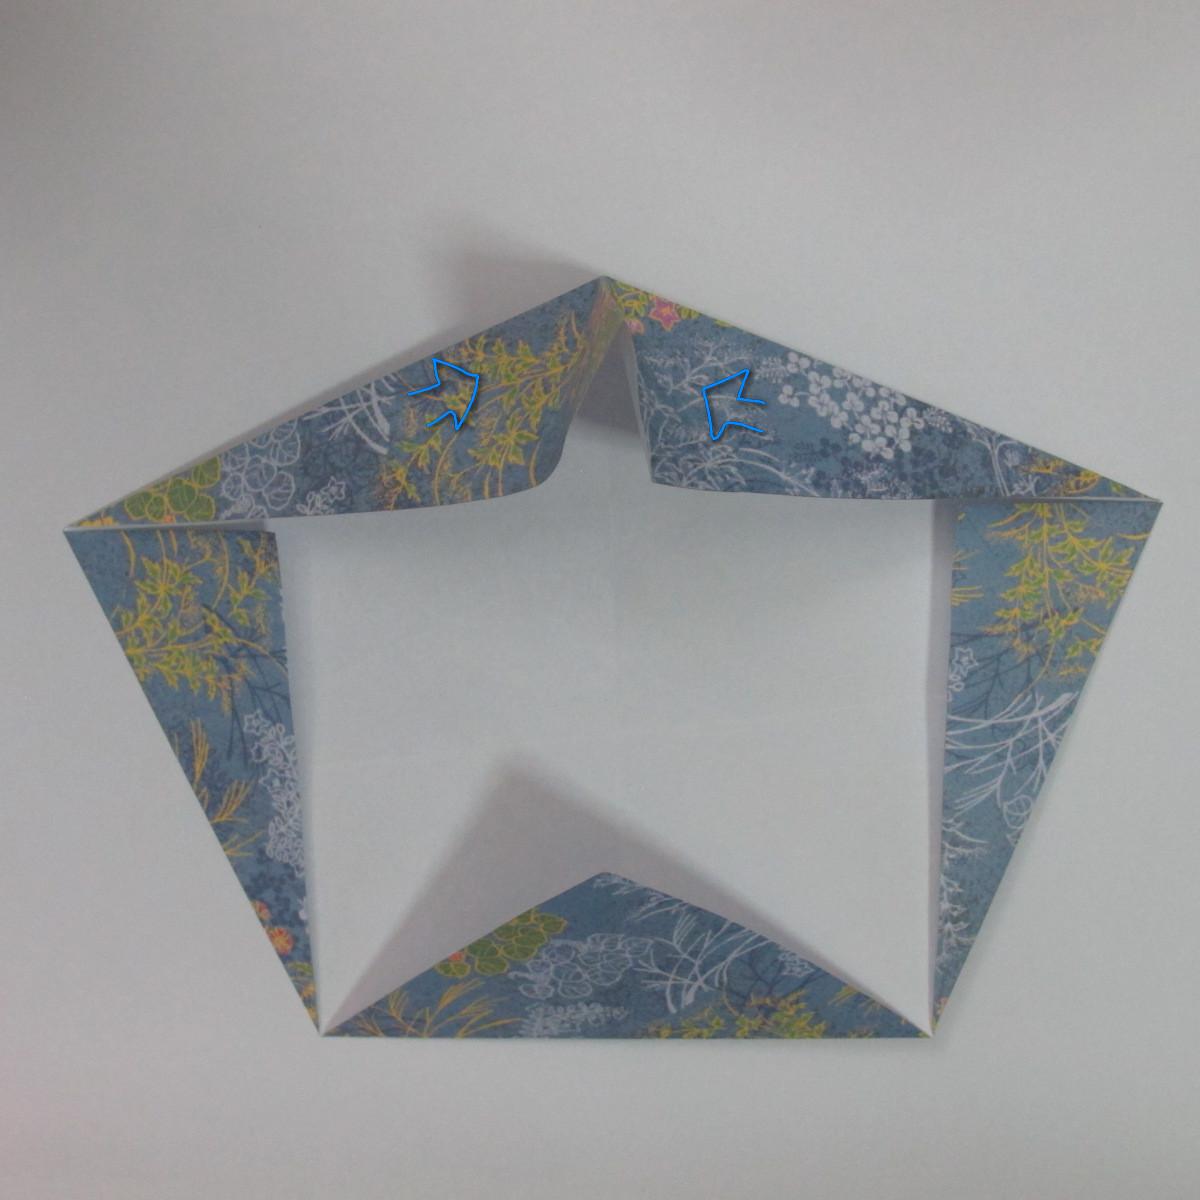 วิธีการพับกระดาษเป็นรูปม้า (Origami Horse) 017